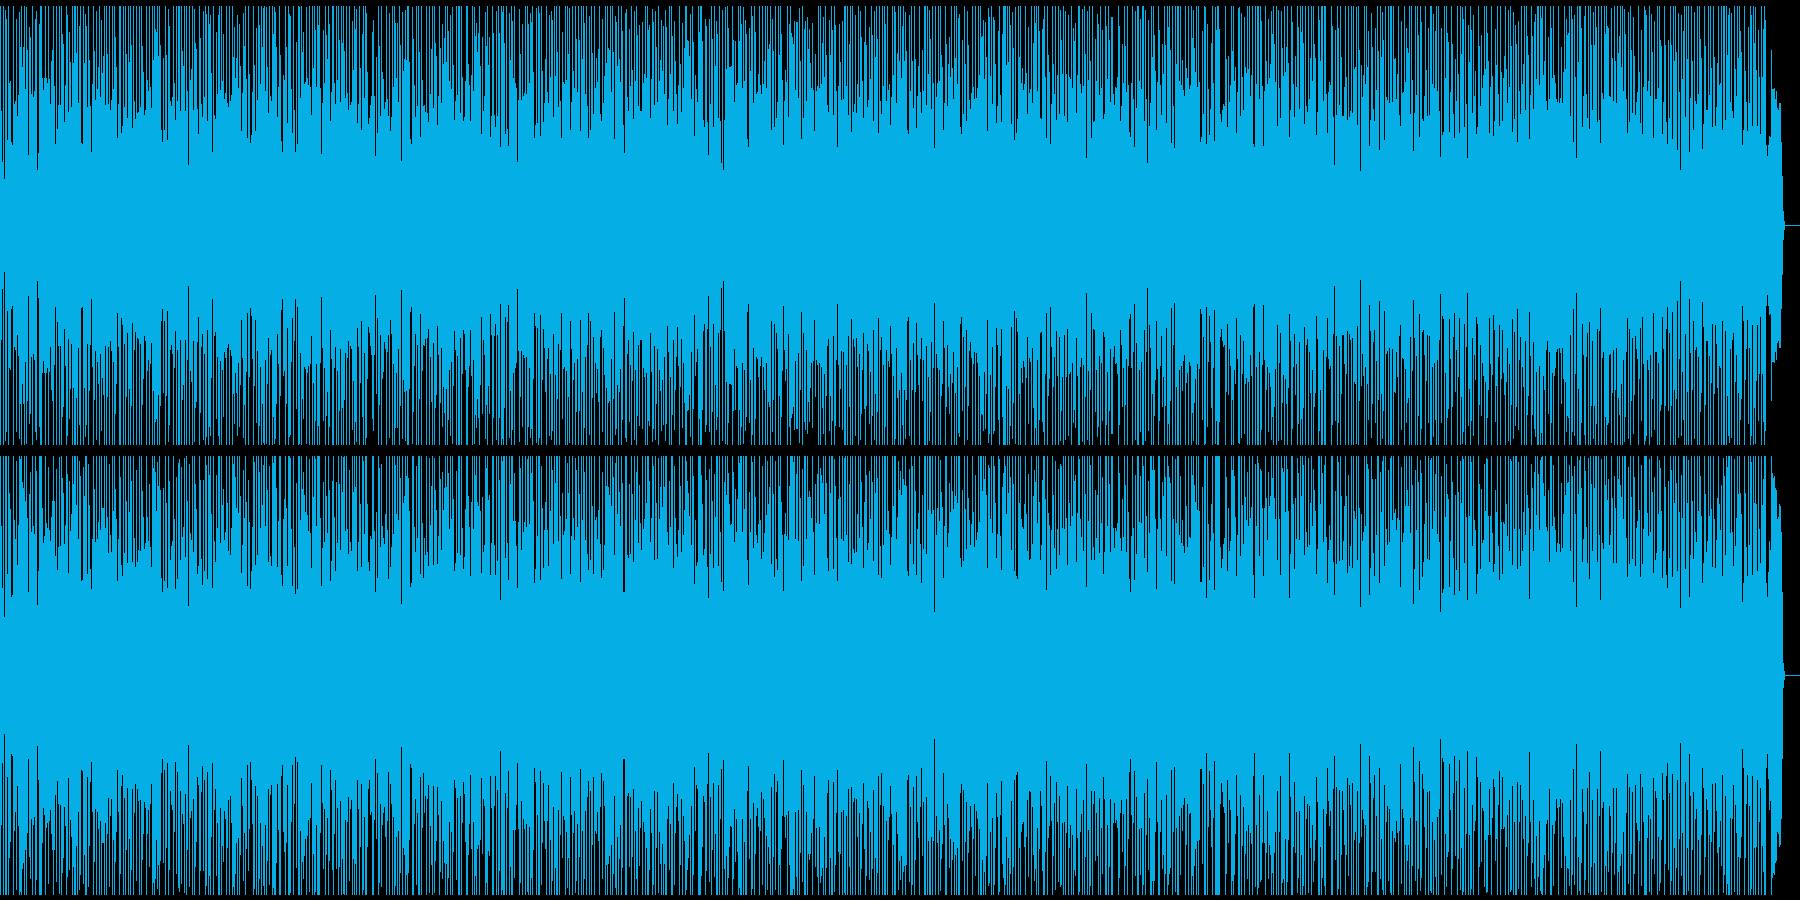 心地よく優しいバラードの再生済みの波形